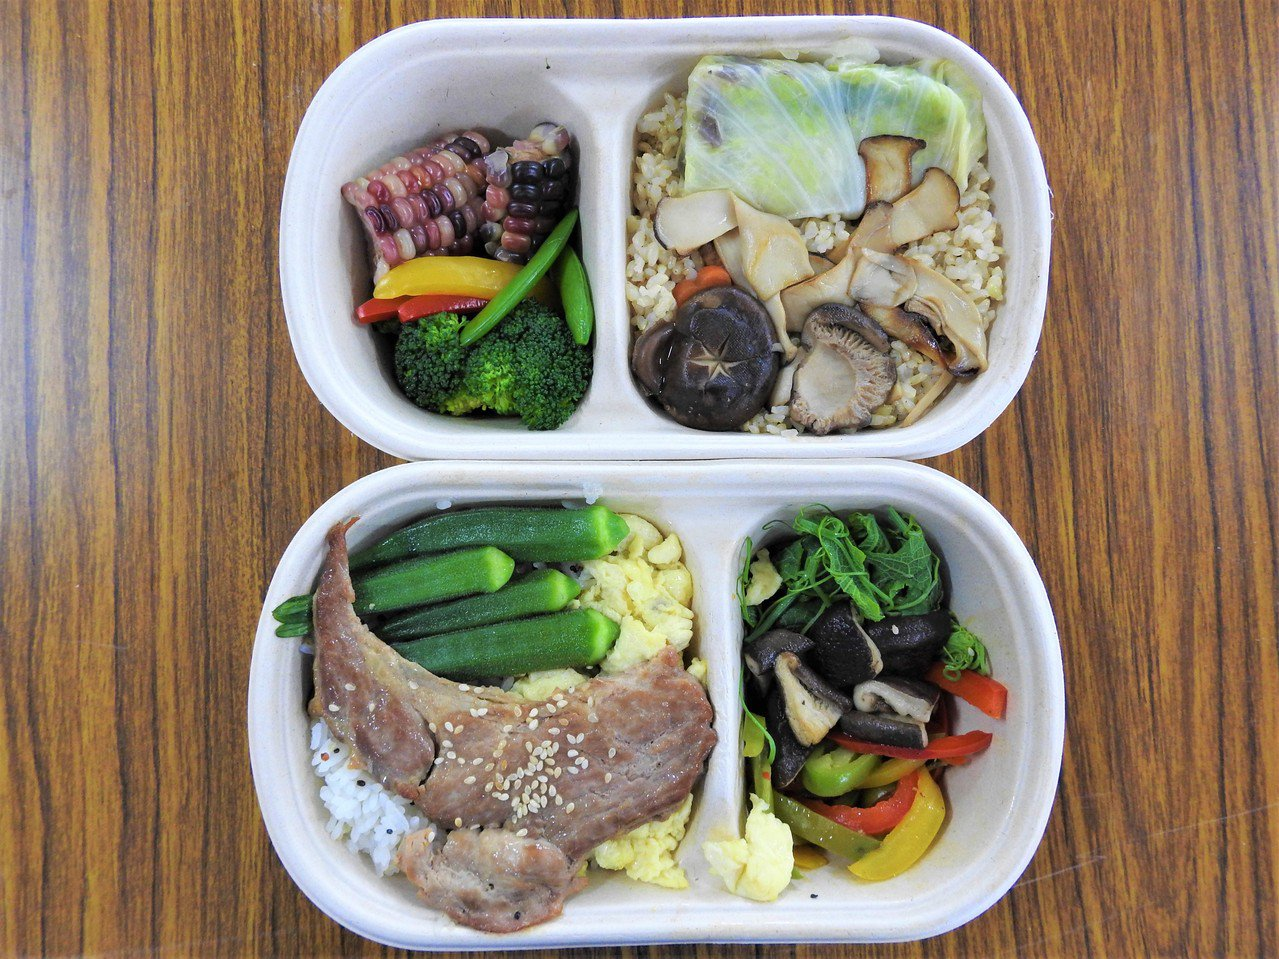 三餐均衡飲食,加上少鹽、少油及少糖,有助於克服更年期。 圖/聯合報資料照片